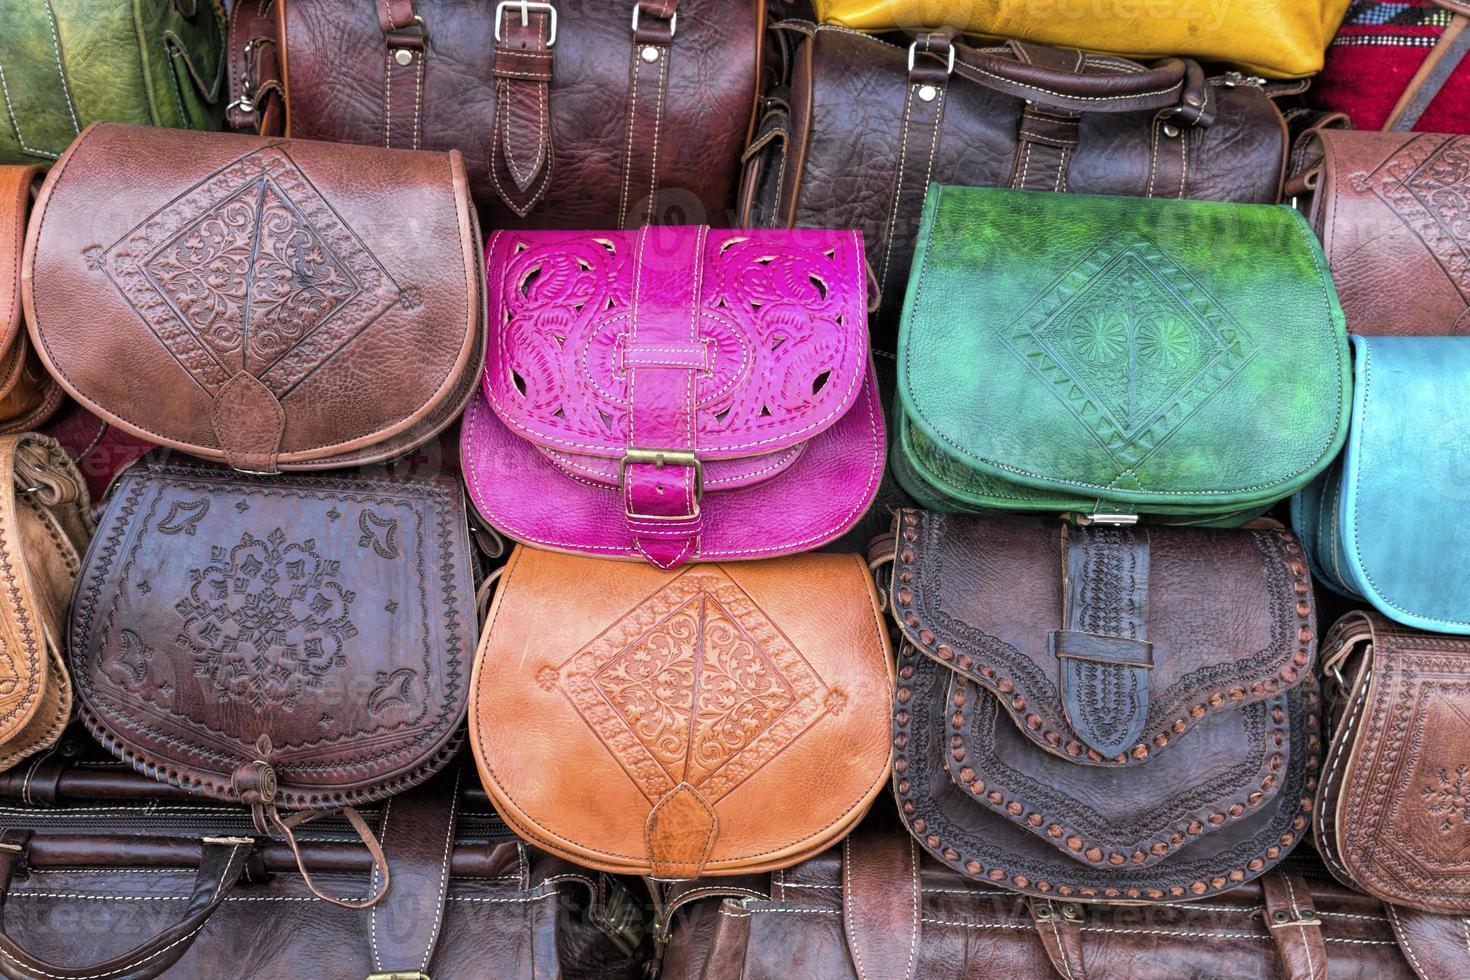 Sacs en cuir faits à la main sur un marché au Maroc, en Afrique photo